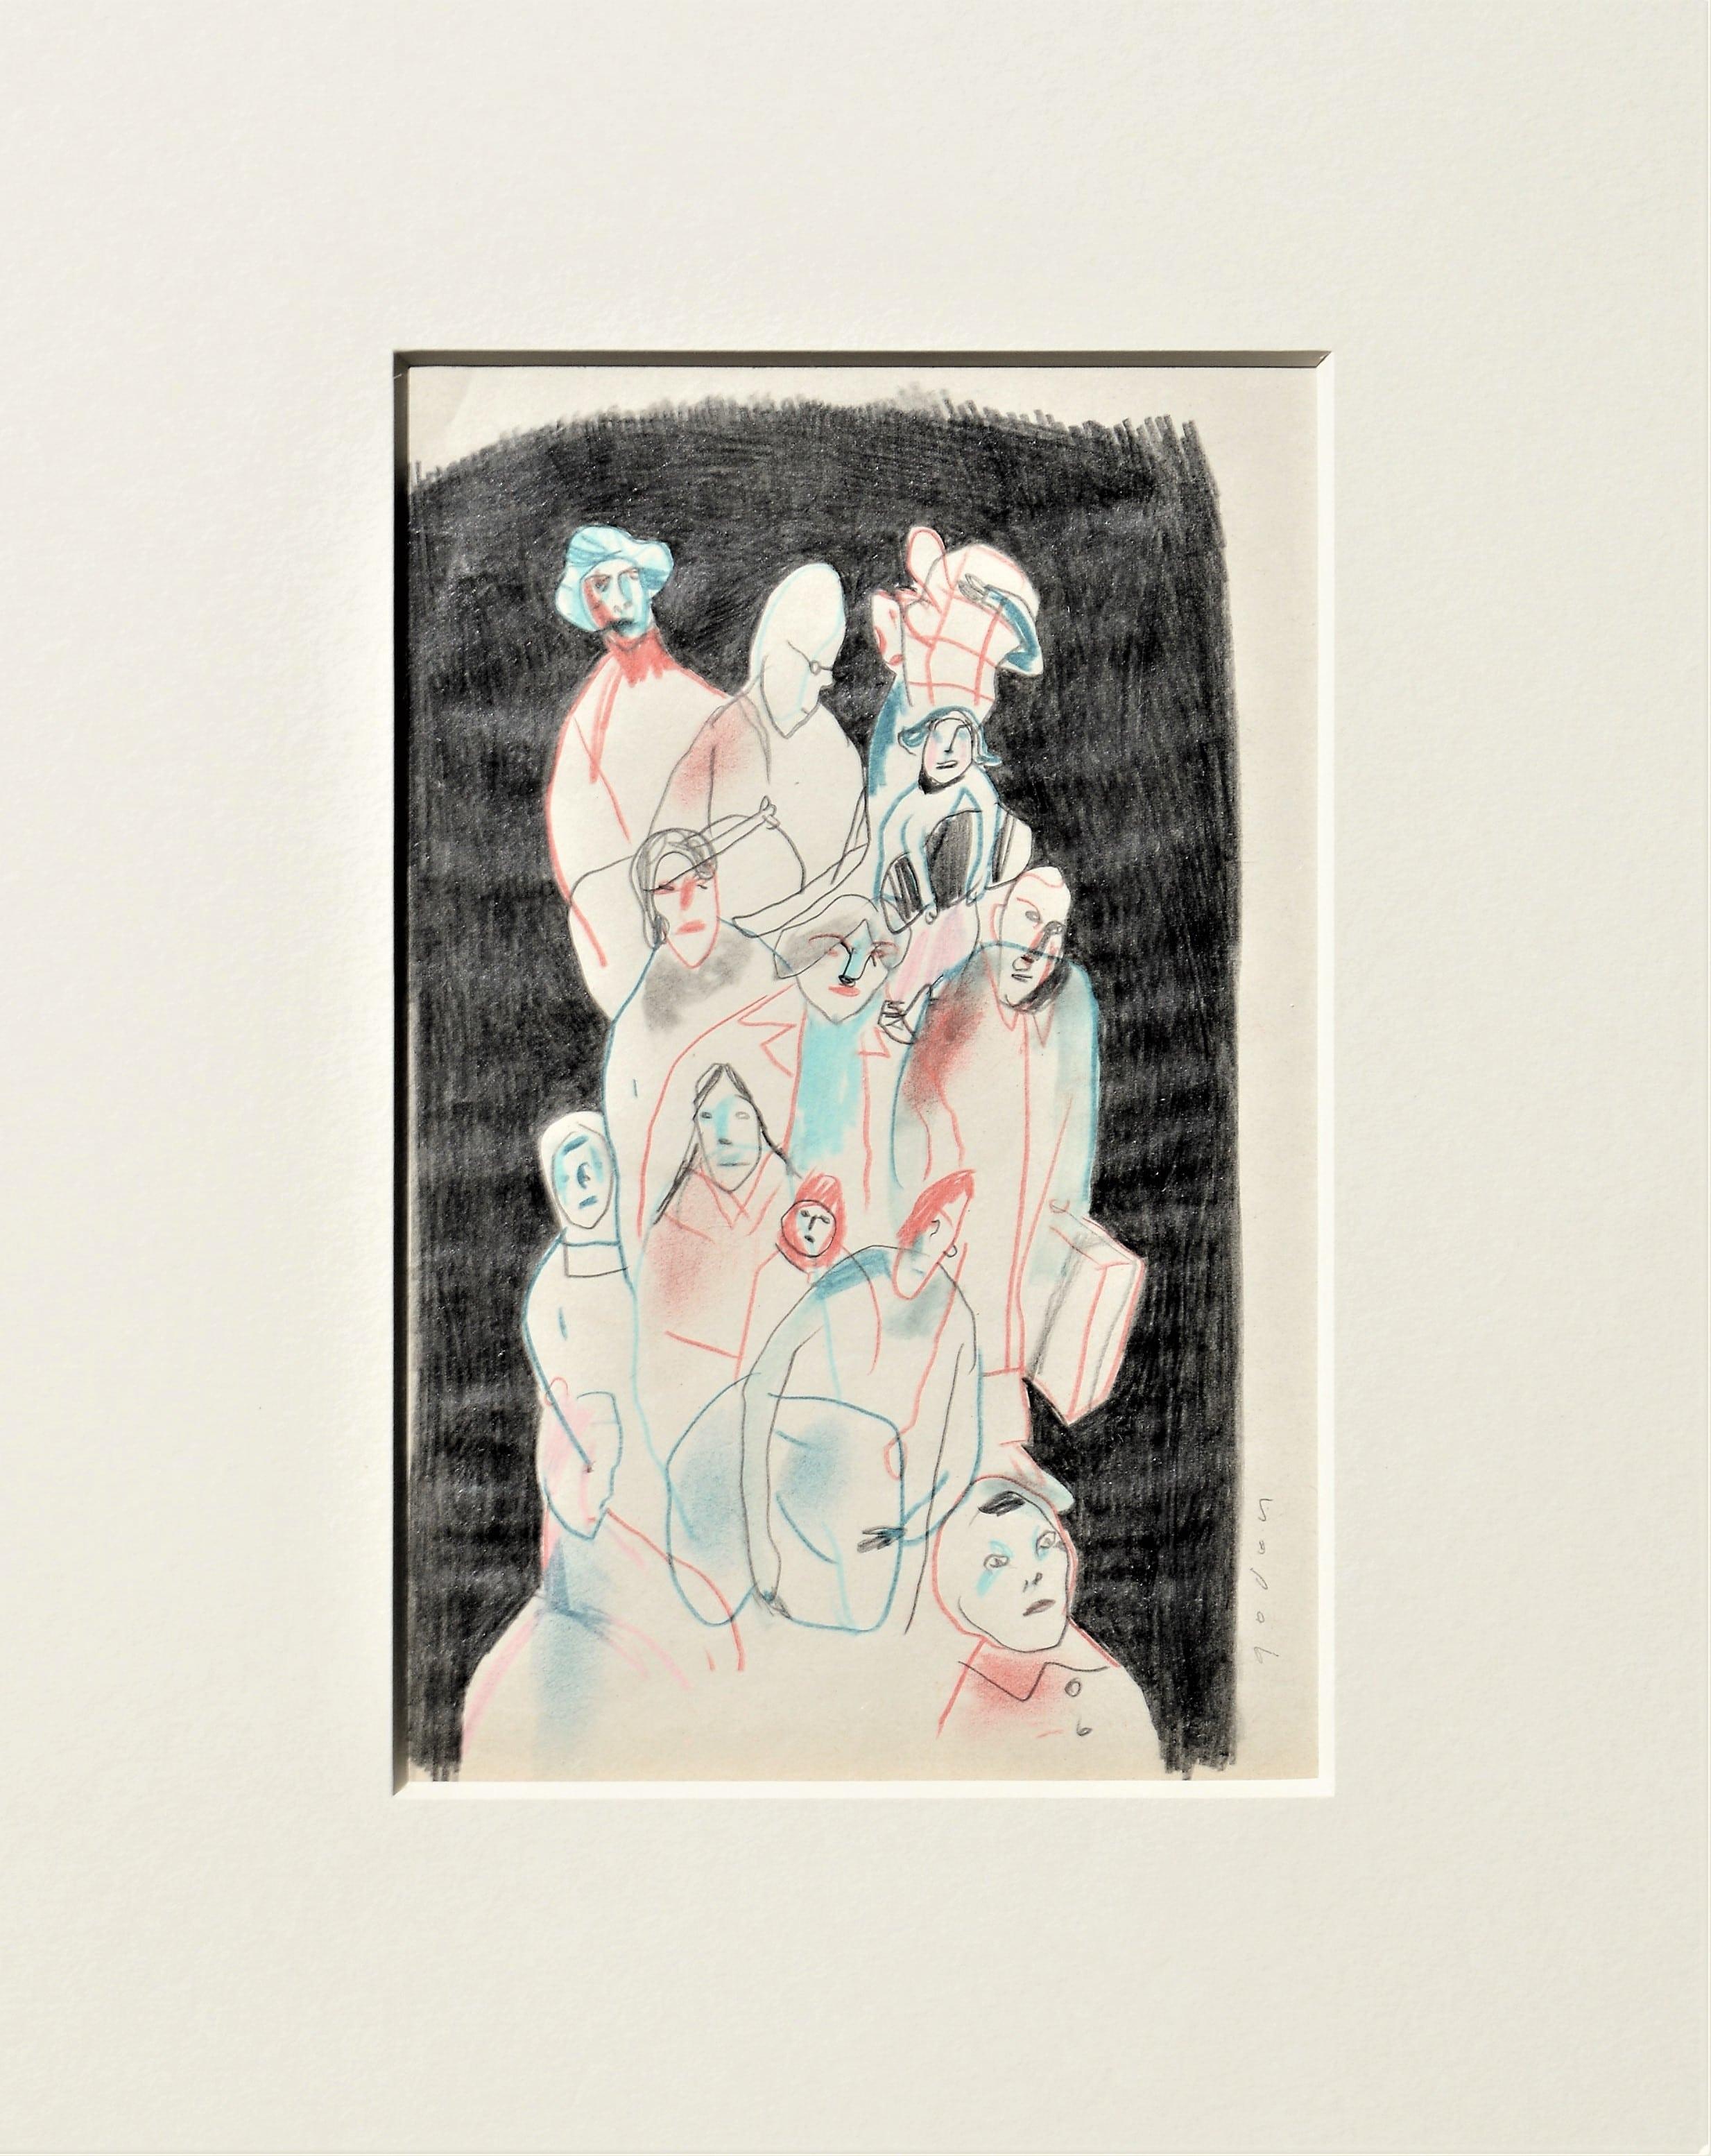 De wereld, Onderweg, Ingrid Godon